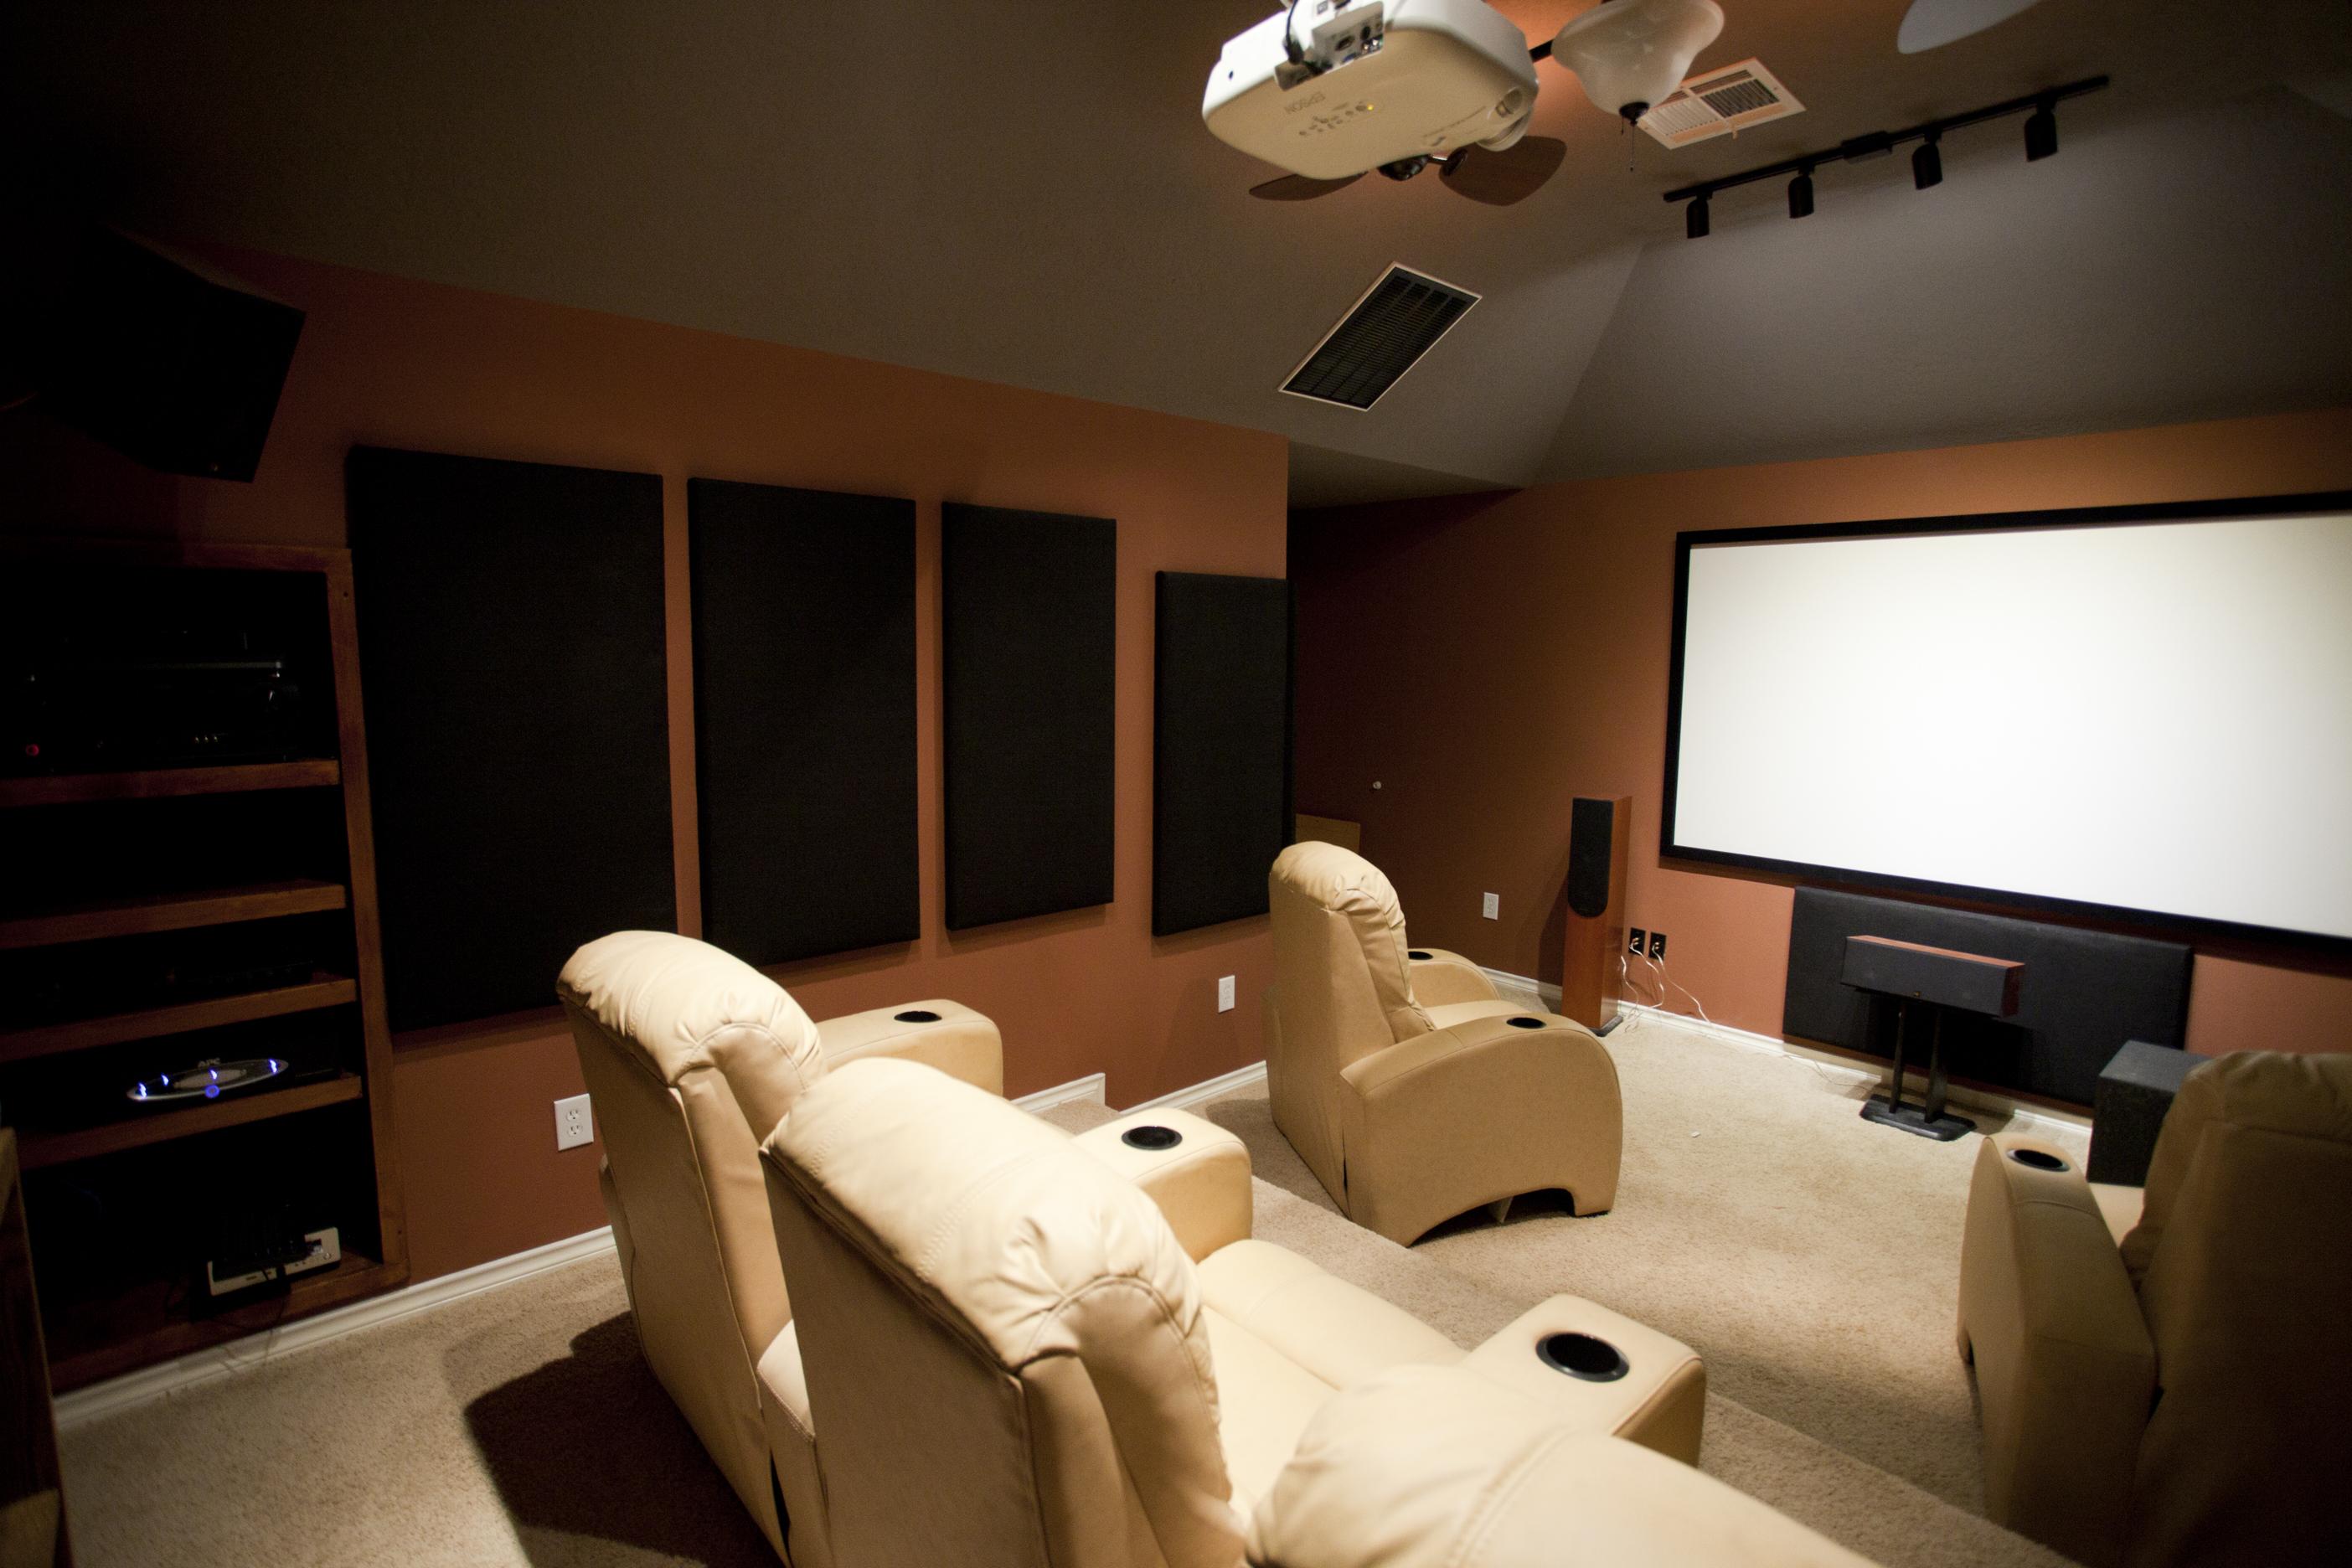 Les 7 équipements indispensables pour un bon home cinéma